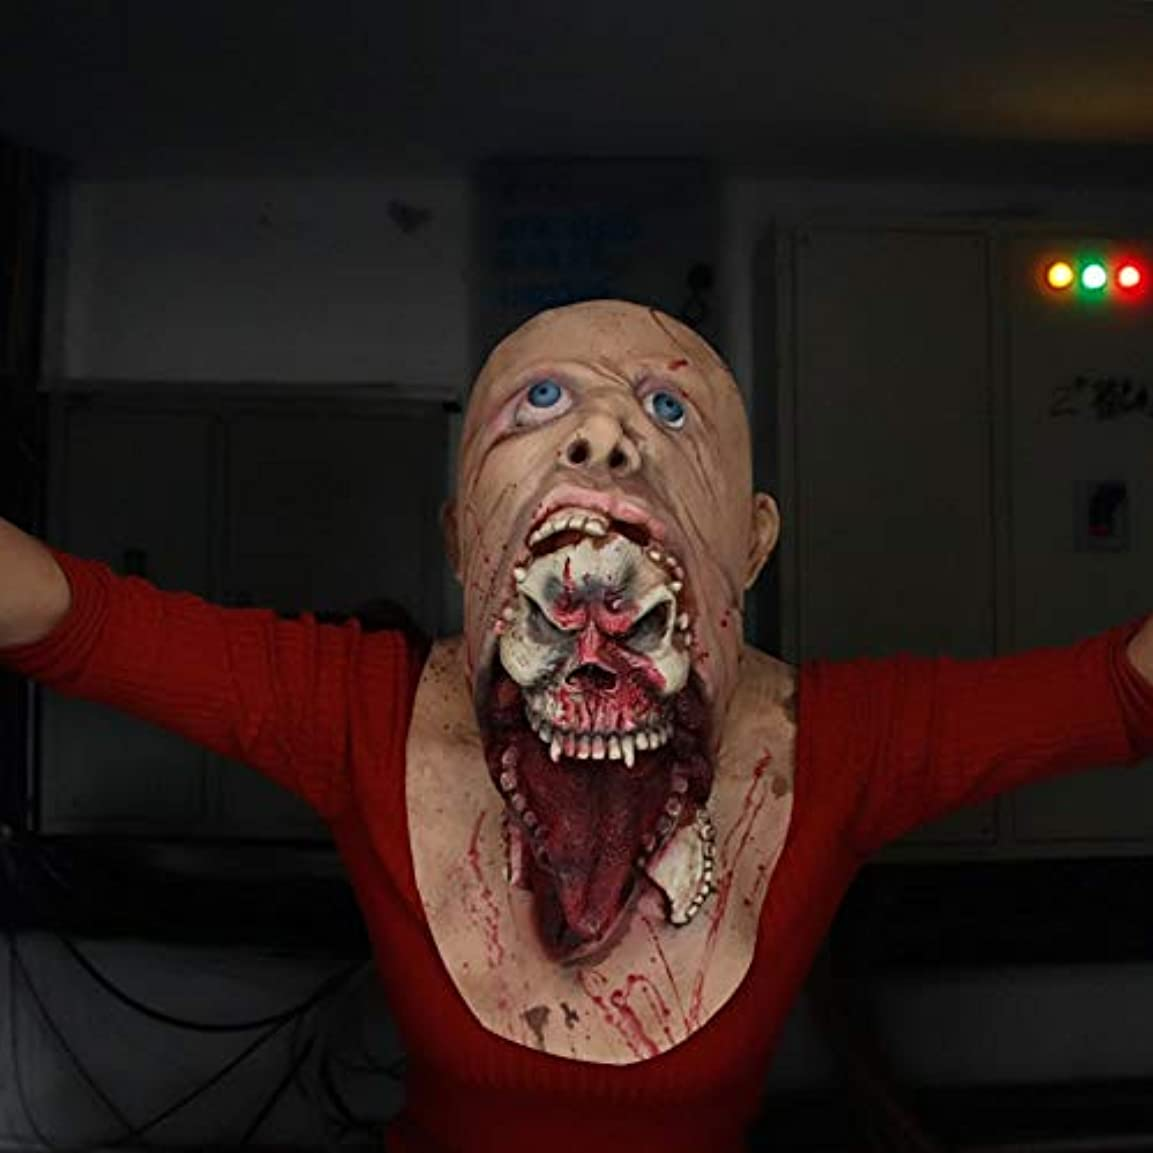 自明部分的キャンセルラテックスゾンビハロウィーンマスク、怖い寄生虫マスク、怖い残酷なラテックスマスク